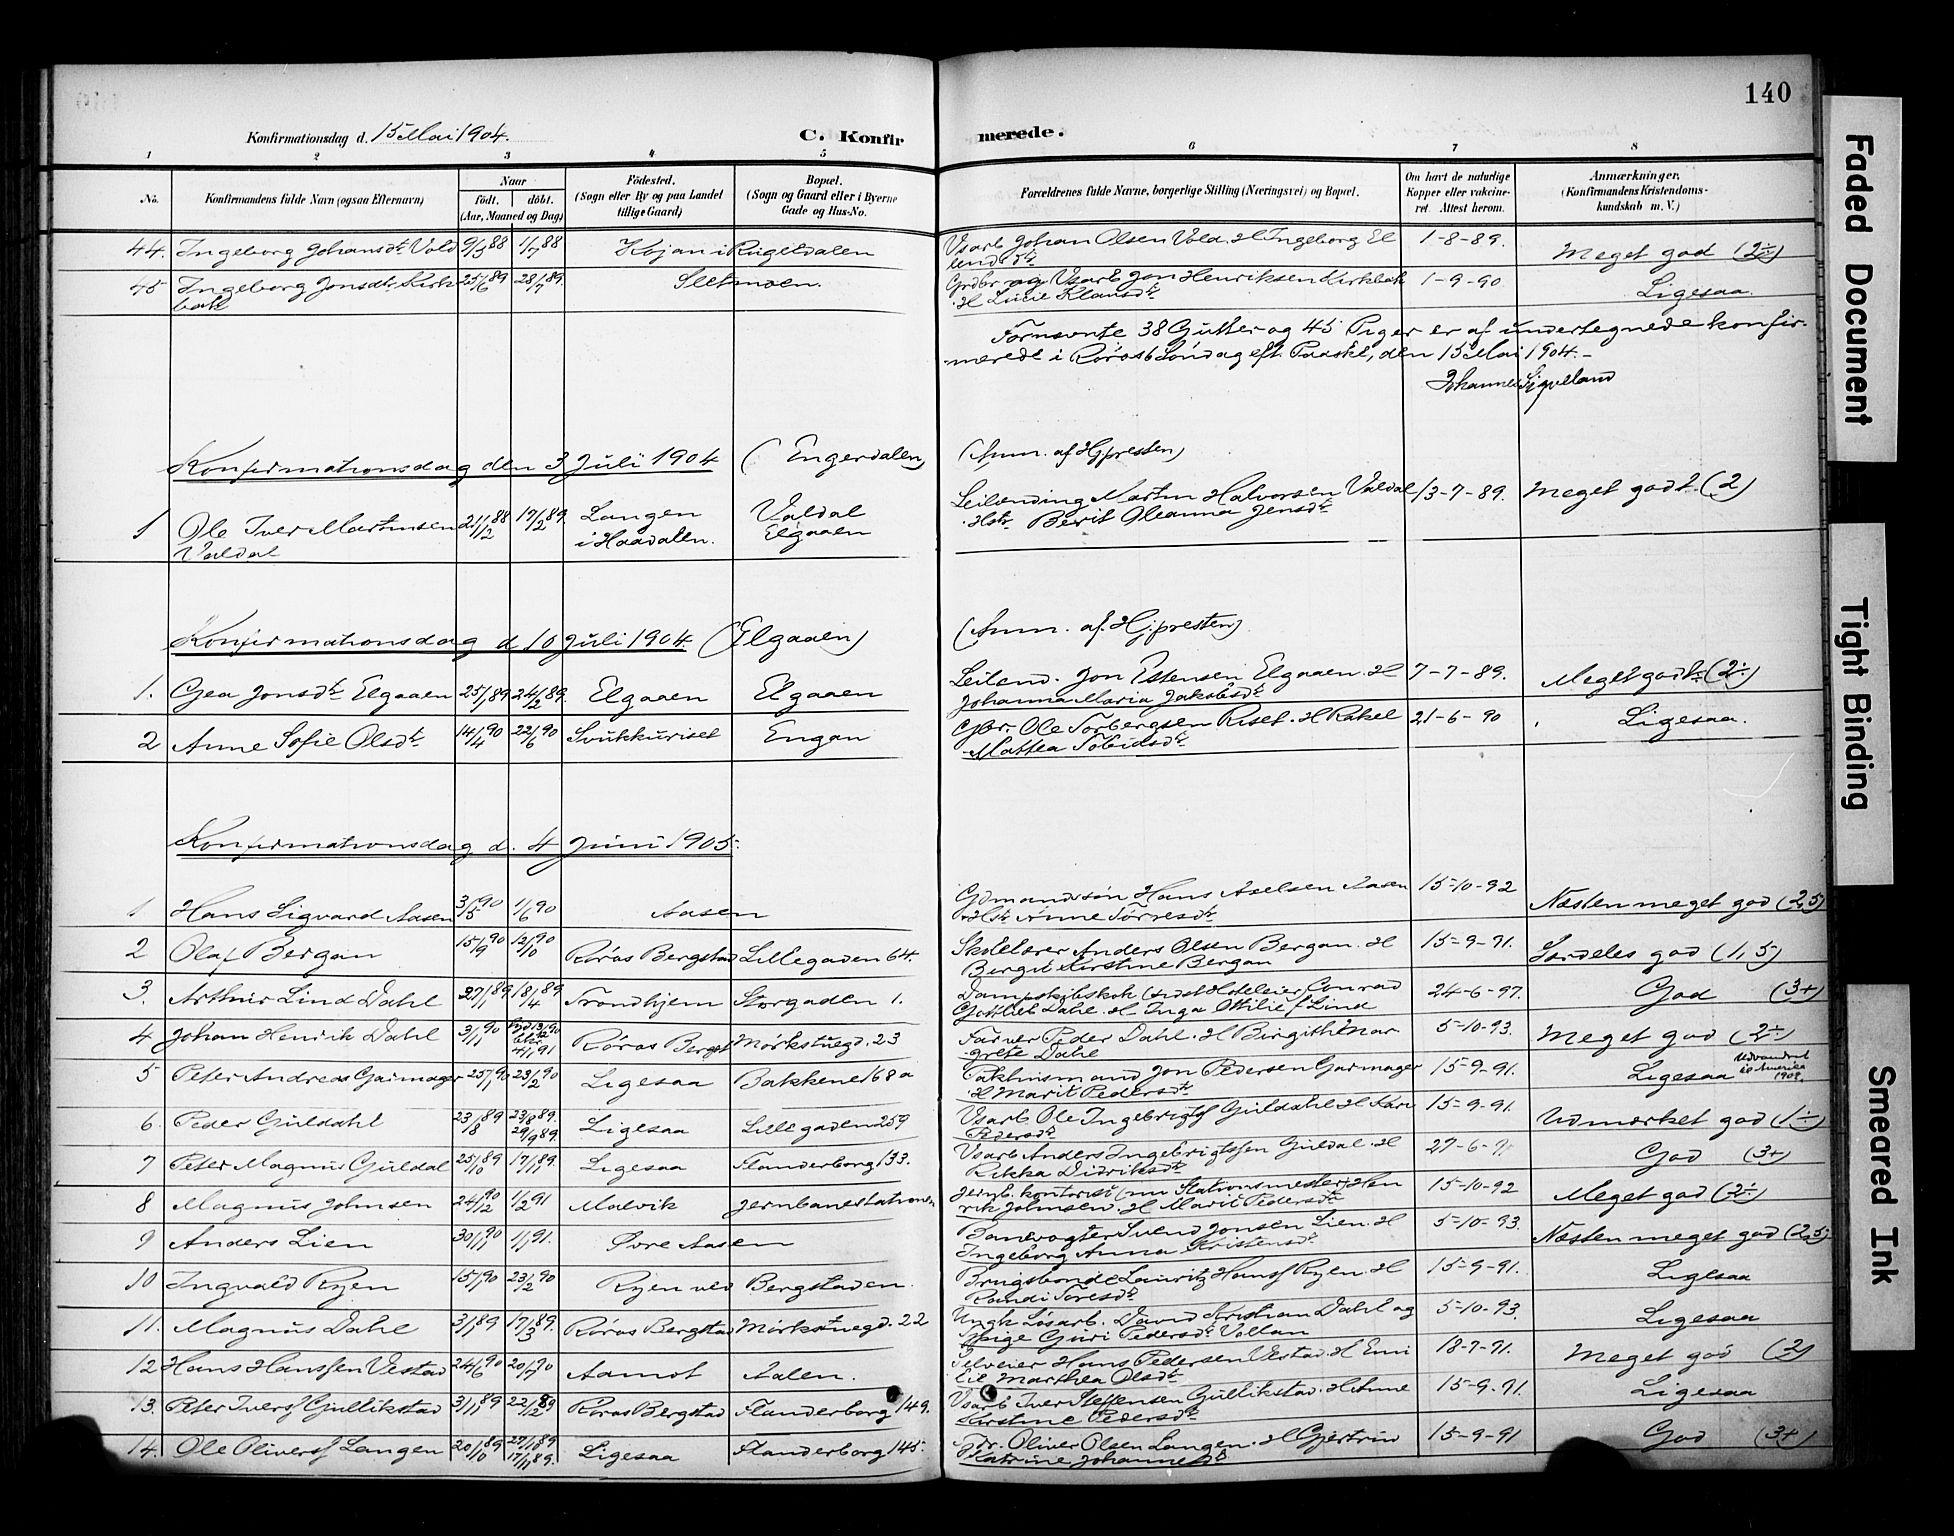 SAT, Ministerialprotokoller, klokkerbøker og fødselsregistre - Sør-Trøndelag, 681/L0936: Ministerialbok nr. 681A14, 1899-1908, s. 140